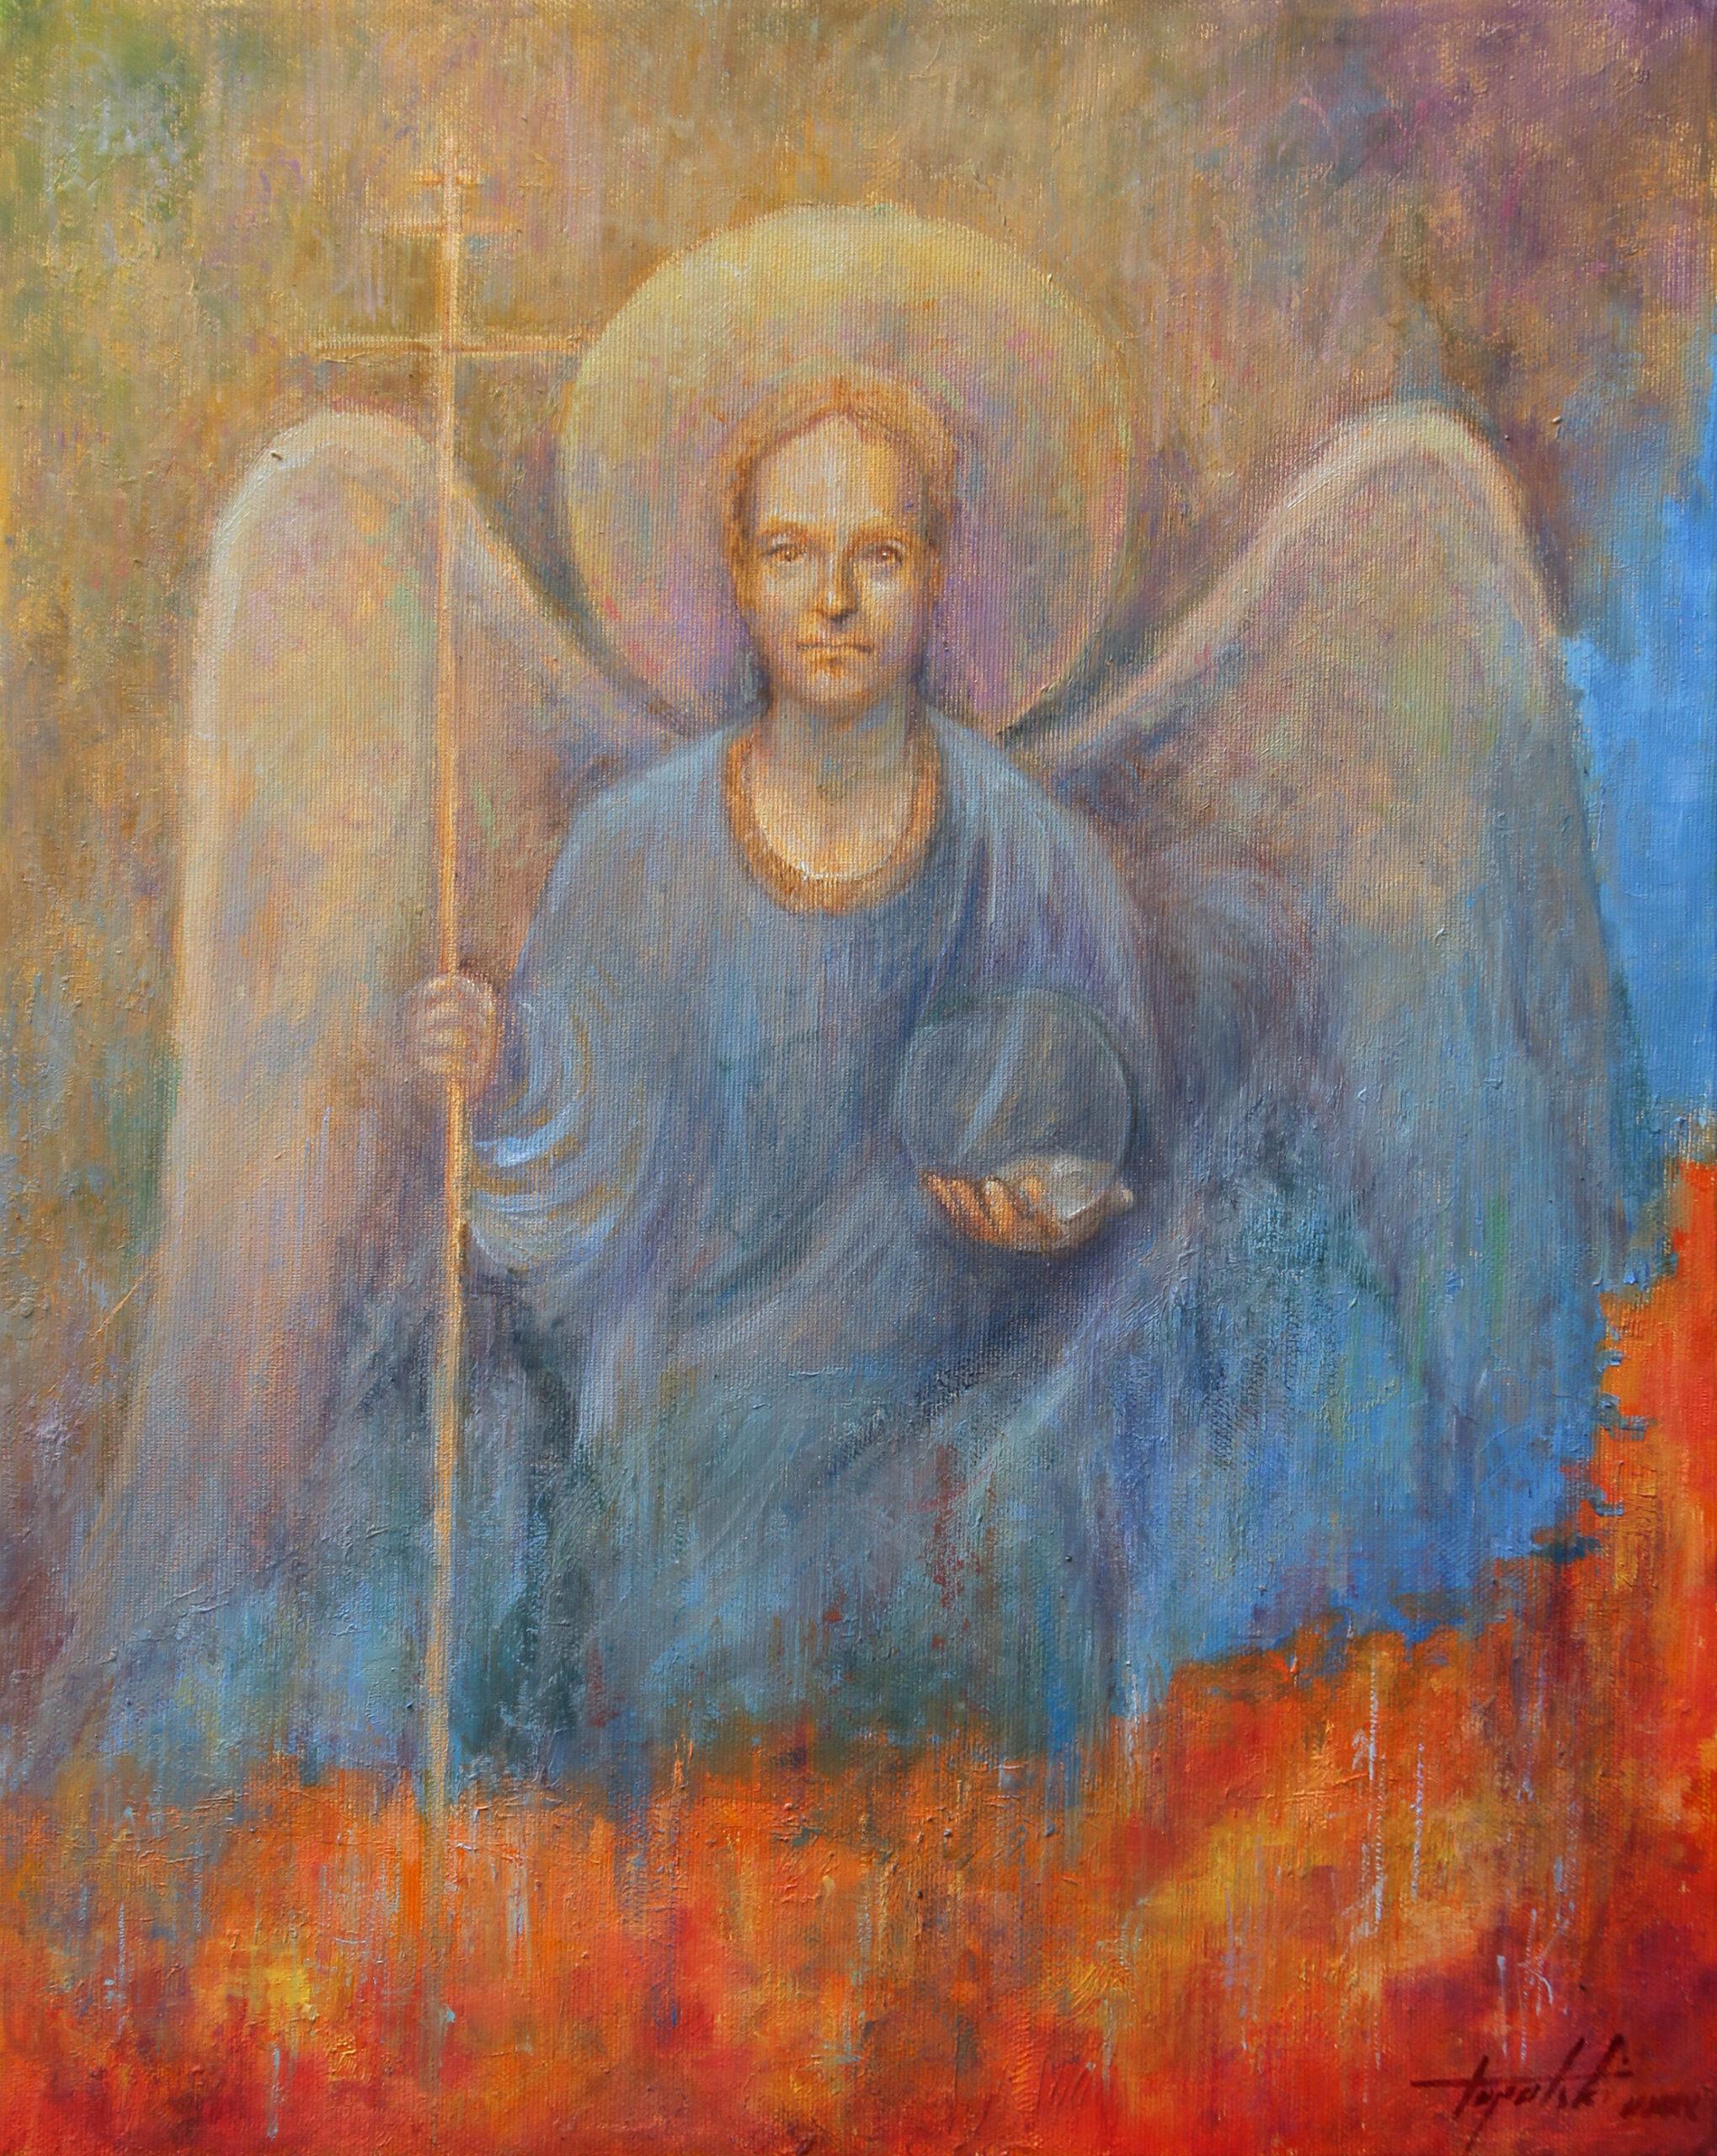 Mali Andjeo - Umetnička slika 50x40cm Ulje na platnu - umetnik Darko TOPALSKI